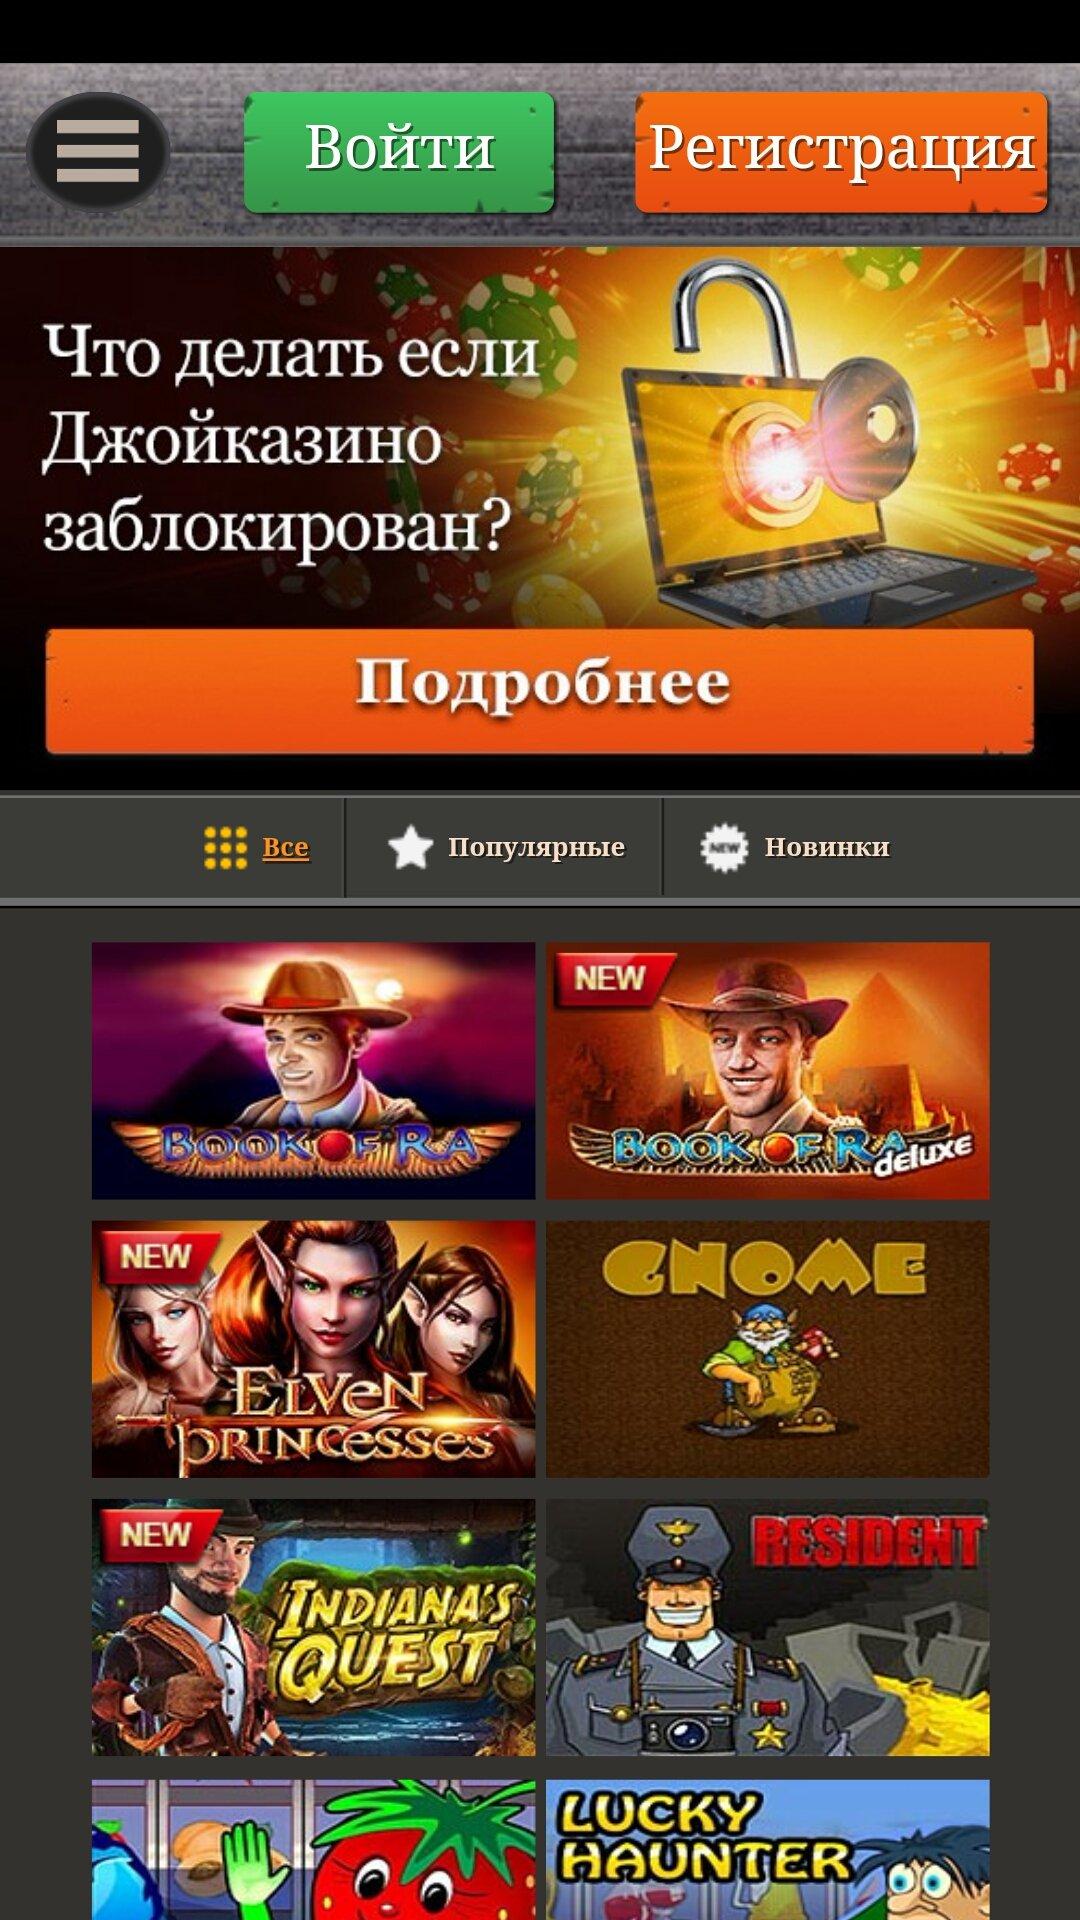 официальный сайт джойказино заблокировали